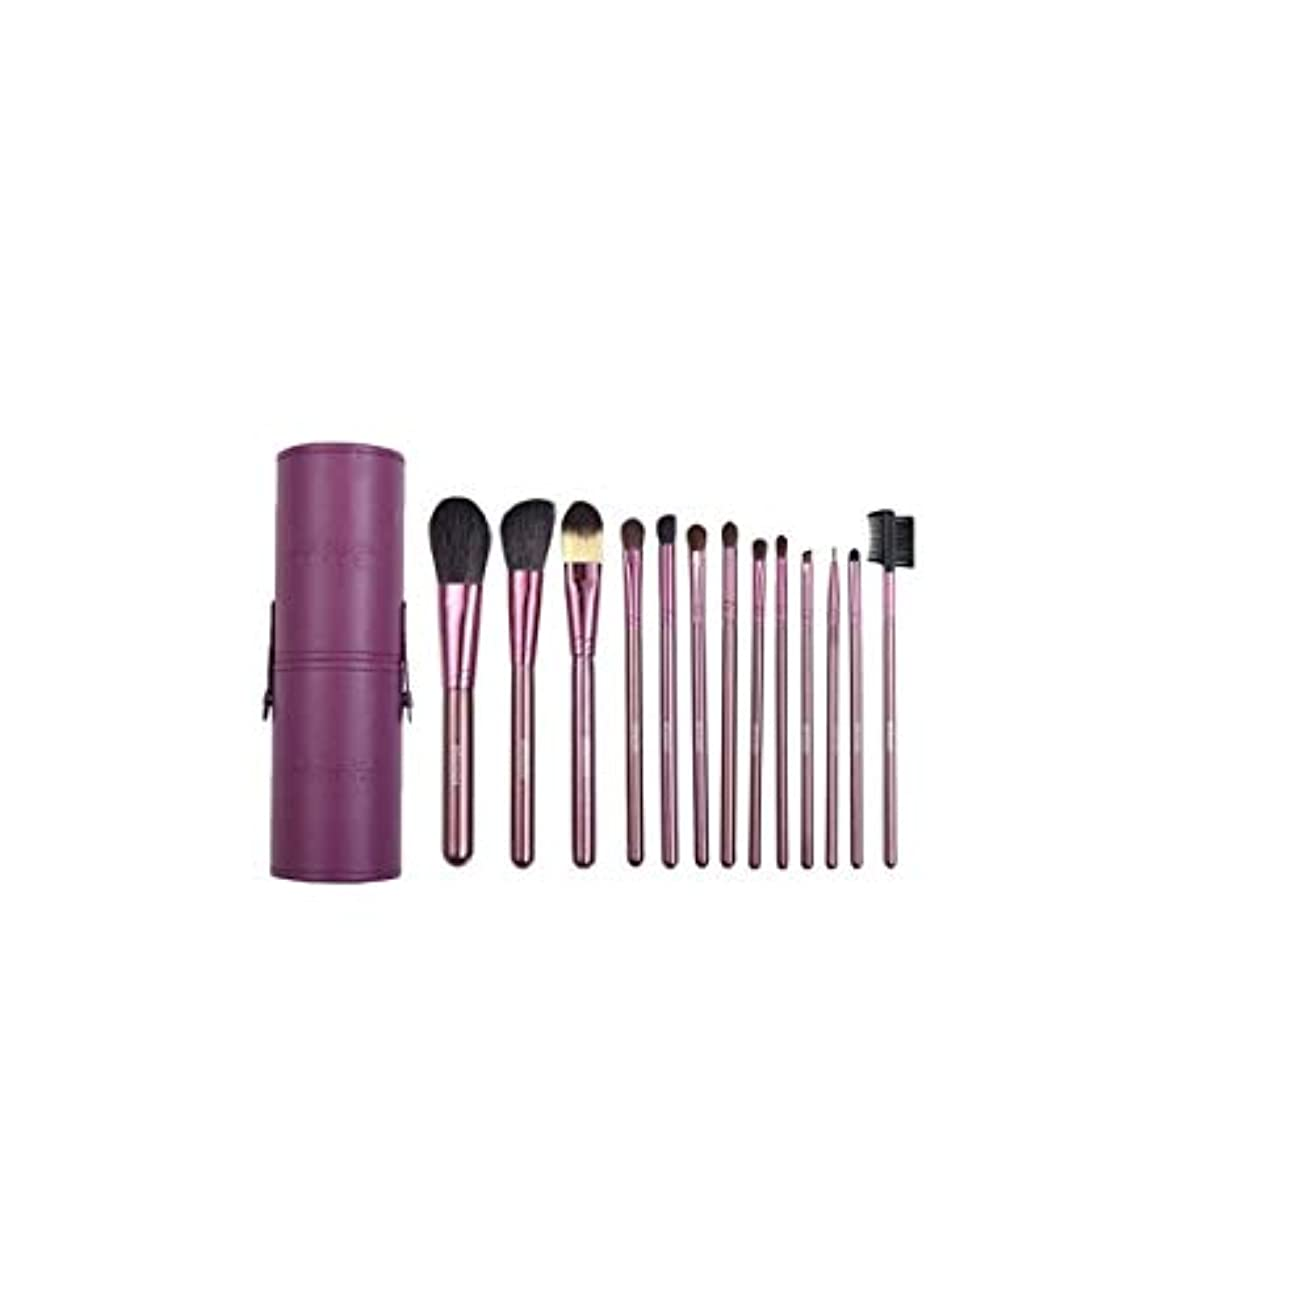 コントロール順応性のあるカエルXIAOCHAOSD メイクブラシセットメイクブラシセット7ピース、美容ツールメイクブラシセット13バレルチューブメイクアップツールアイシャドウブラシ、パープル (Color : Purple)